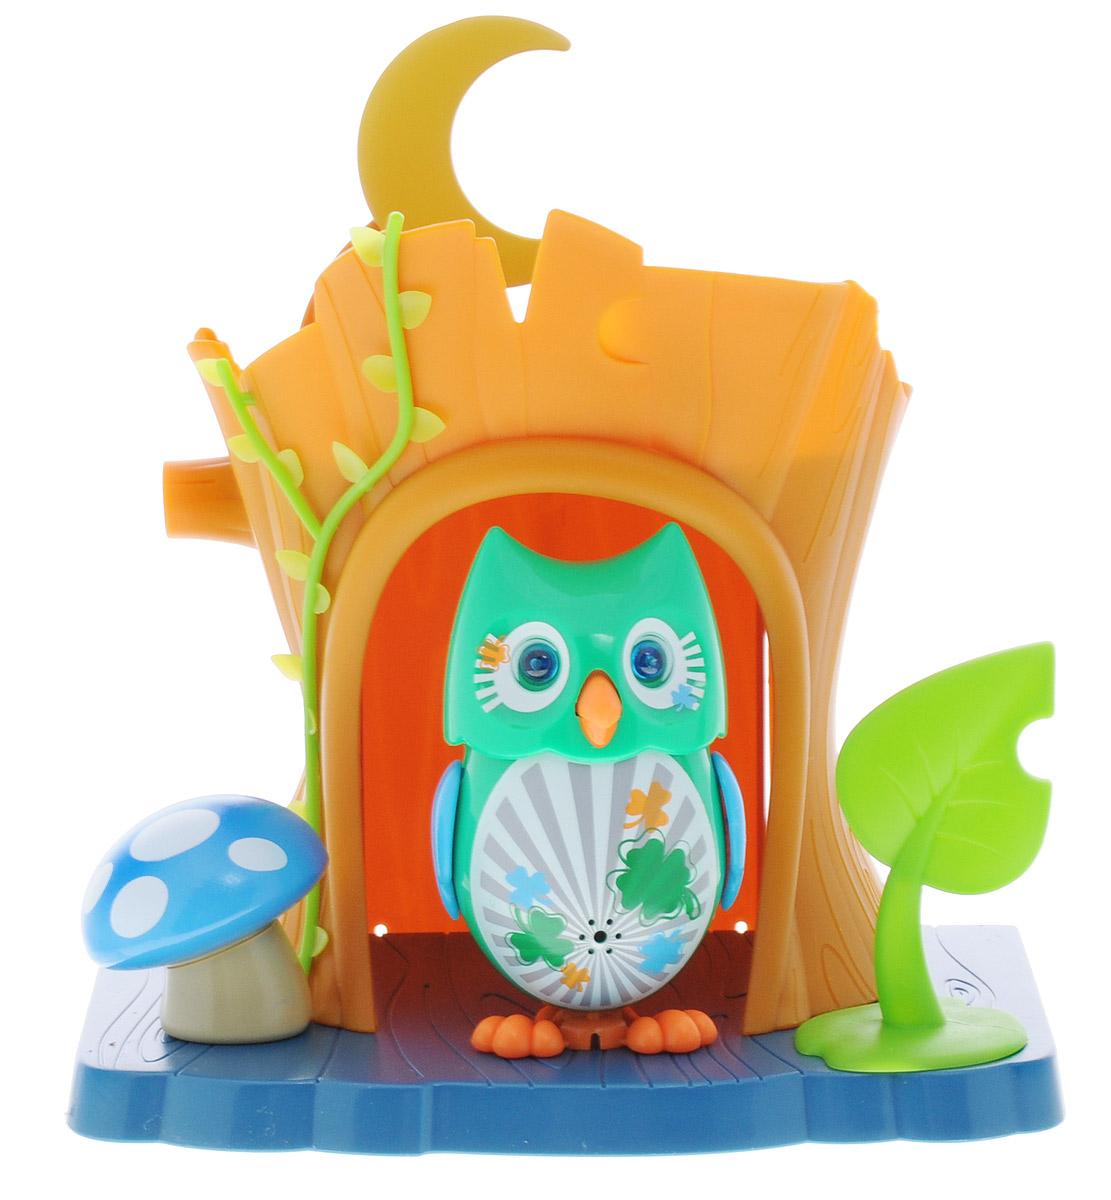 DigiFriends Интерактивная игрушка Сова Lucky с домиком интерактивная игрушка digifriends аква крокодил в ассортименте